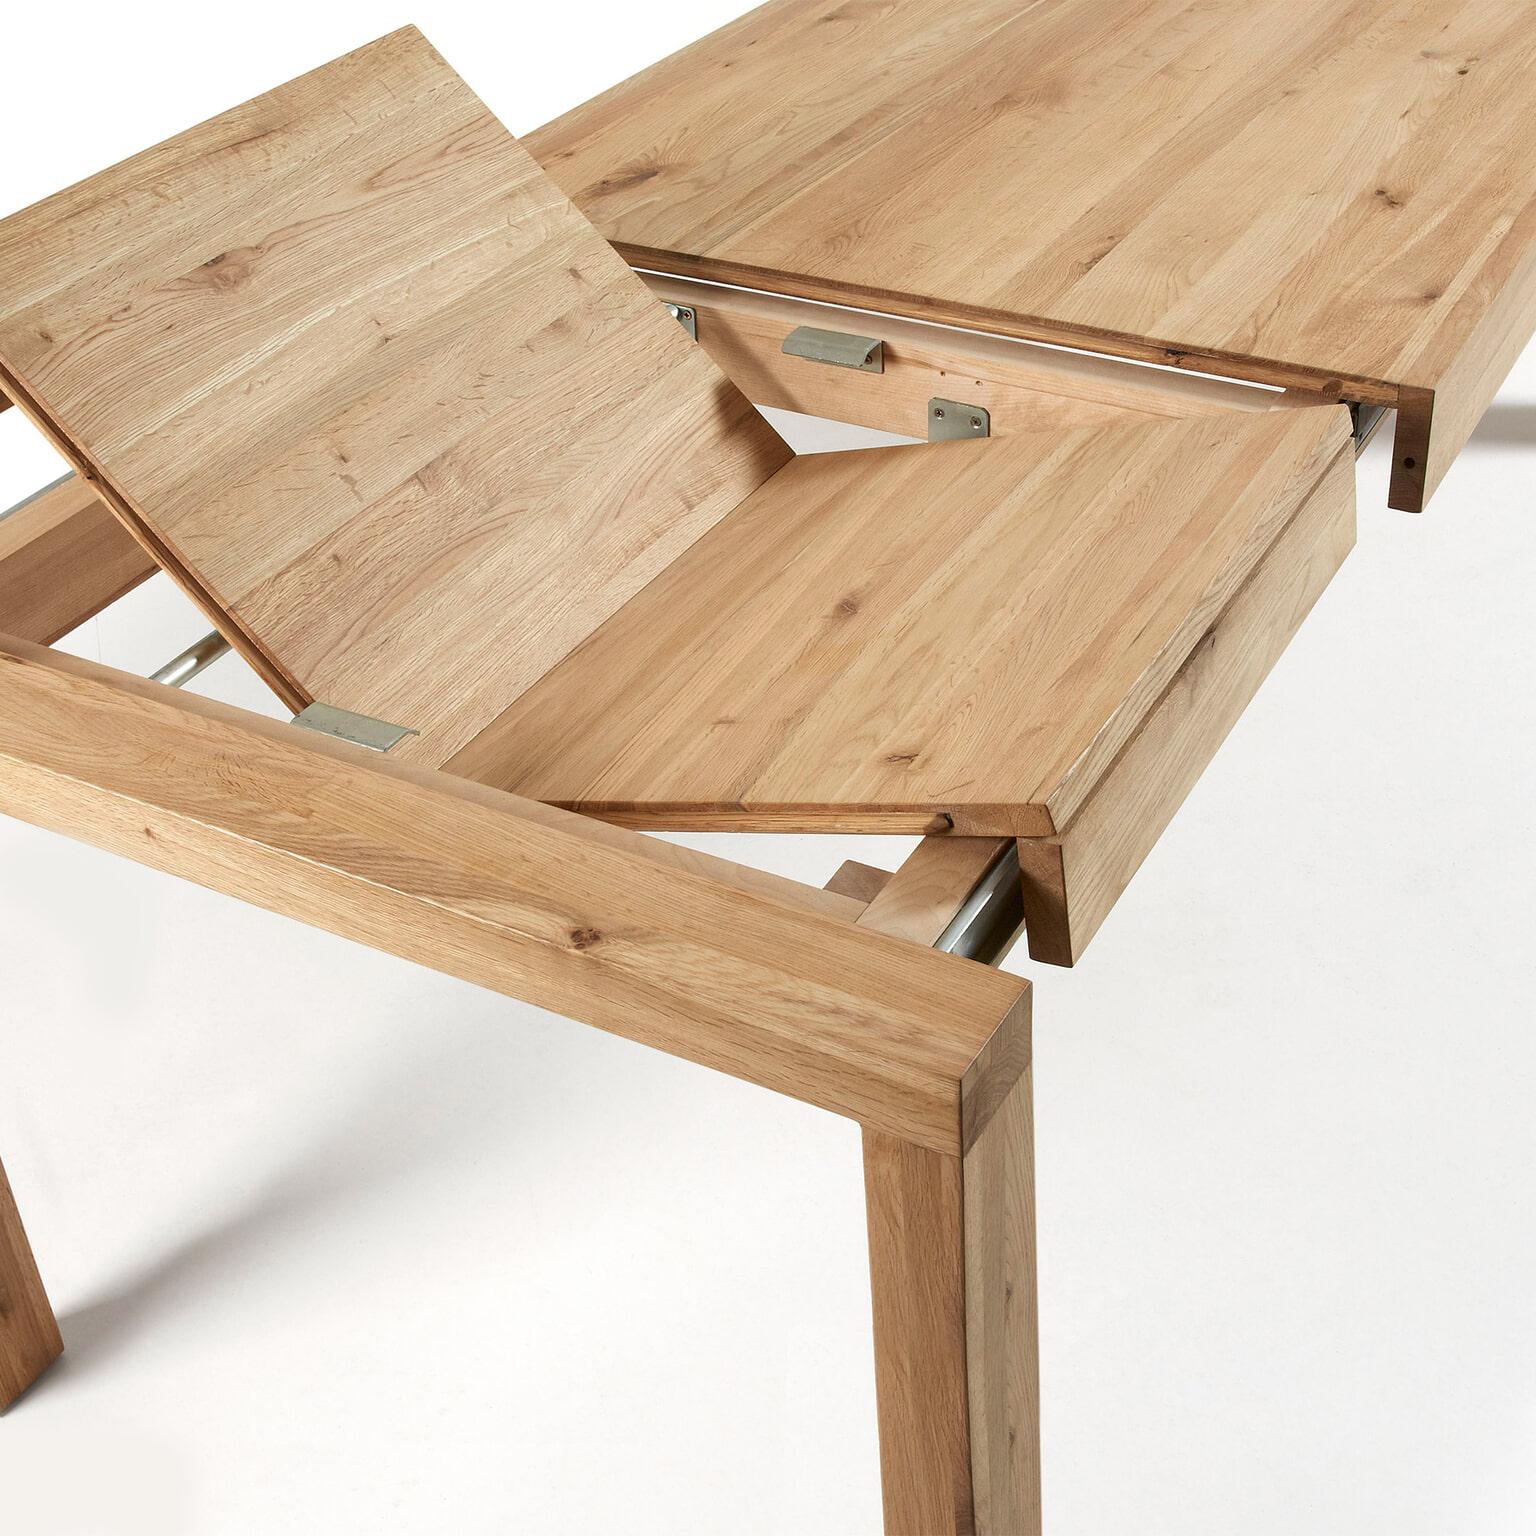 Uitschuifbare Houten Eettafel.Kave Home Uitschuifbare Eettafel Briva Eiken Naturel 180 X 90cm